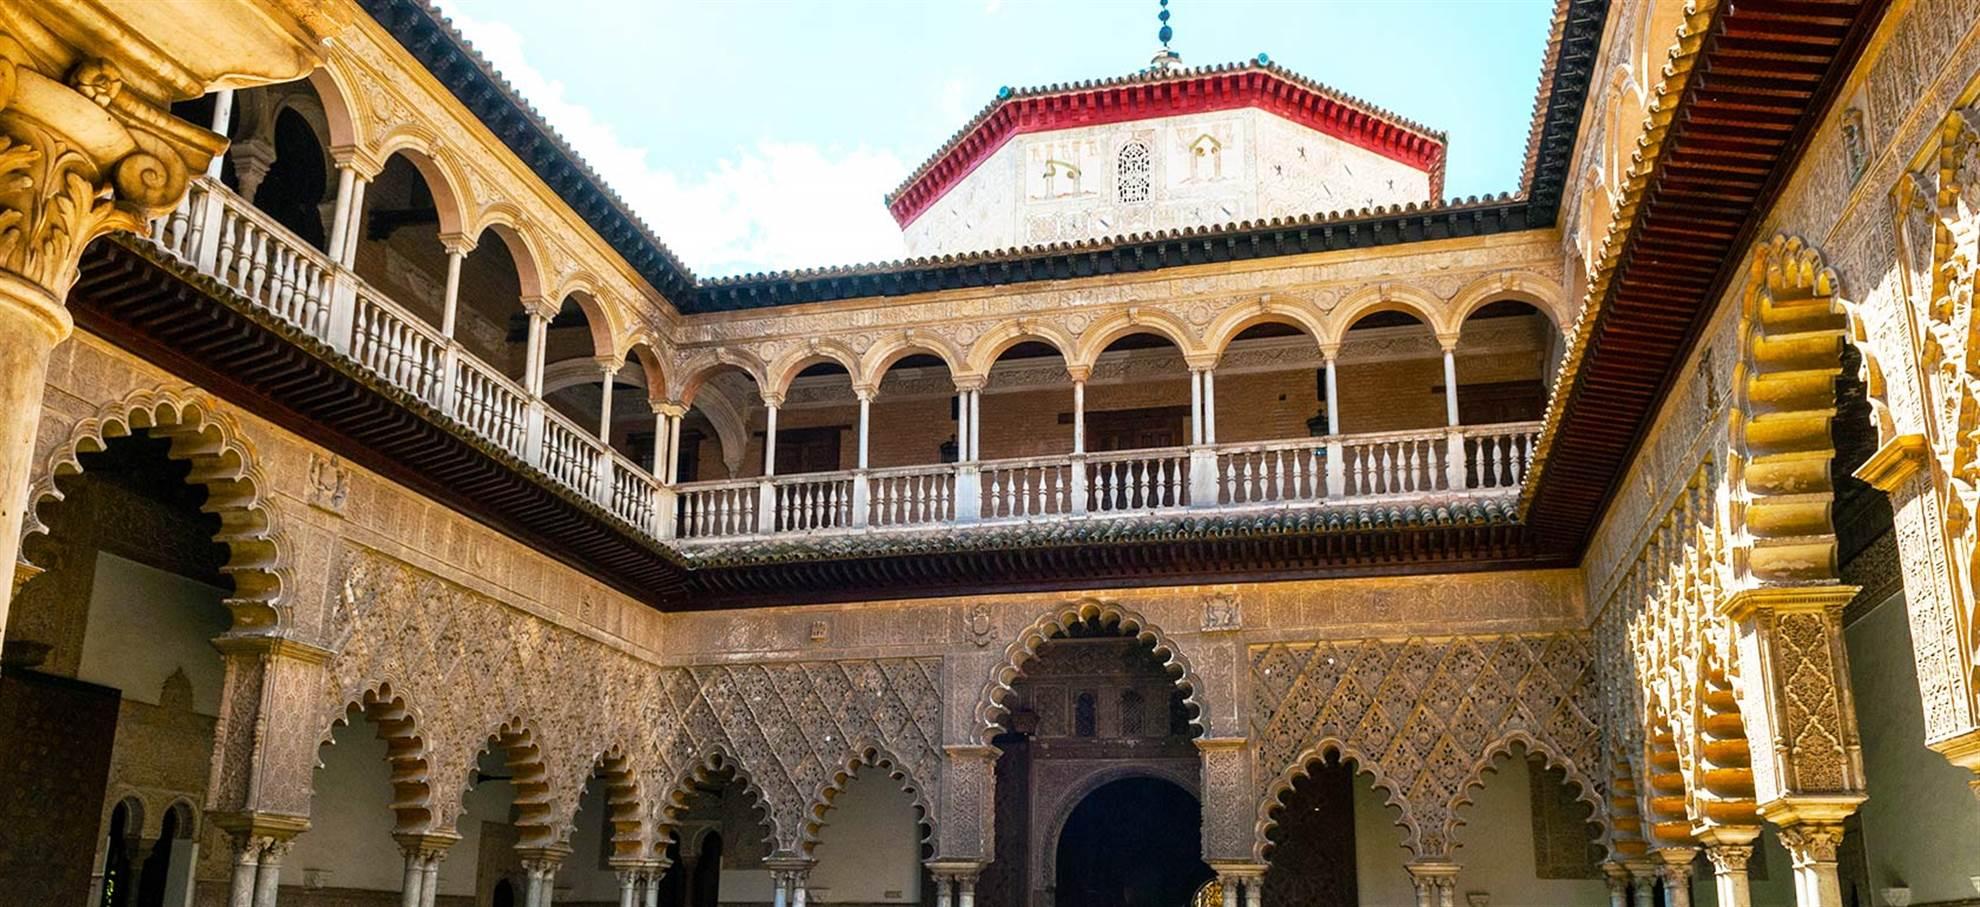 Alcazar: Koninklijk Paleis van Sevilla